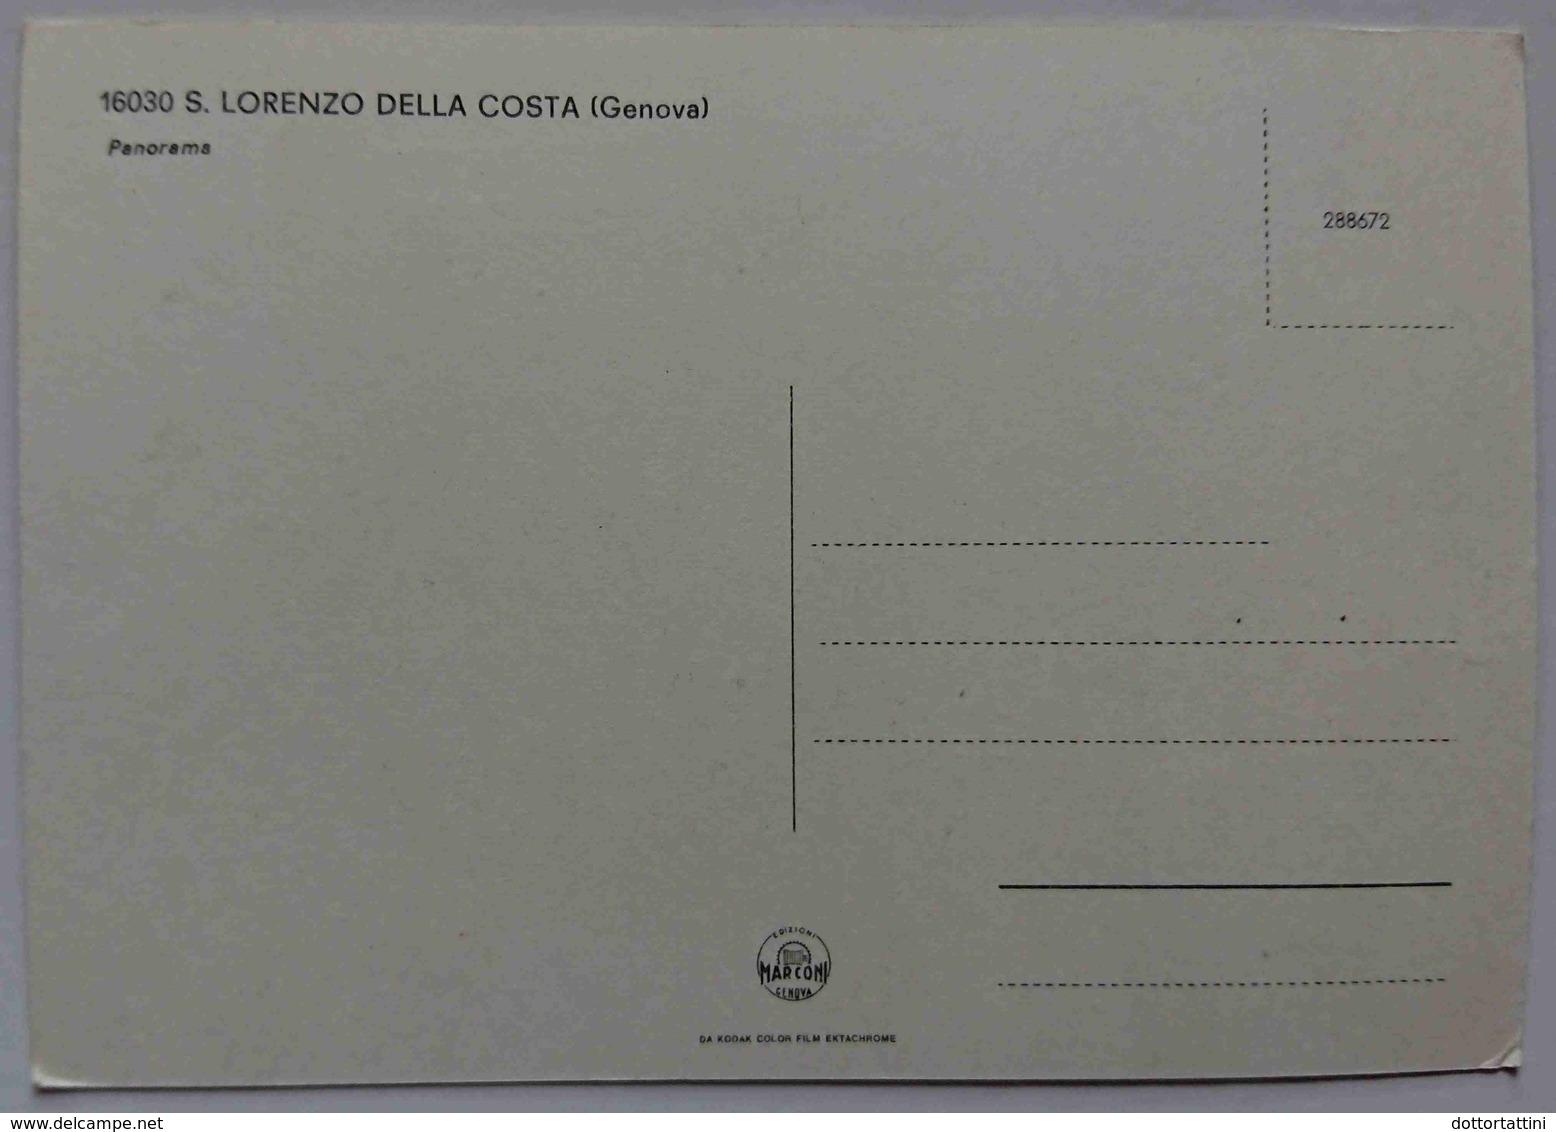 SAN LORENZO DELLA COSTA - Panorama - Nv L2 - Genova